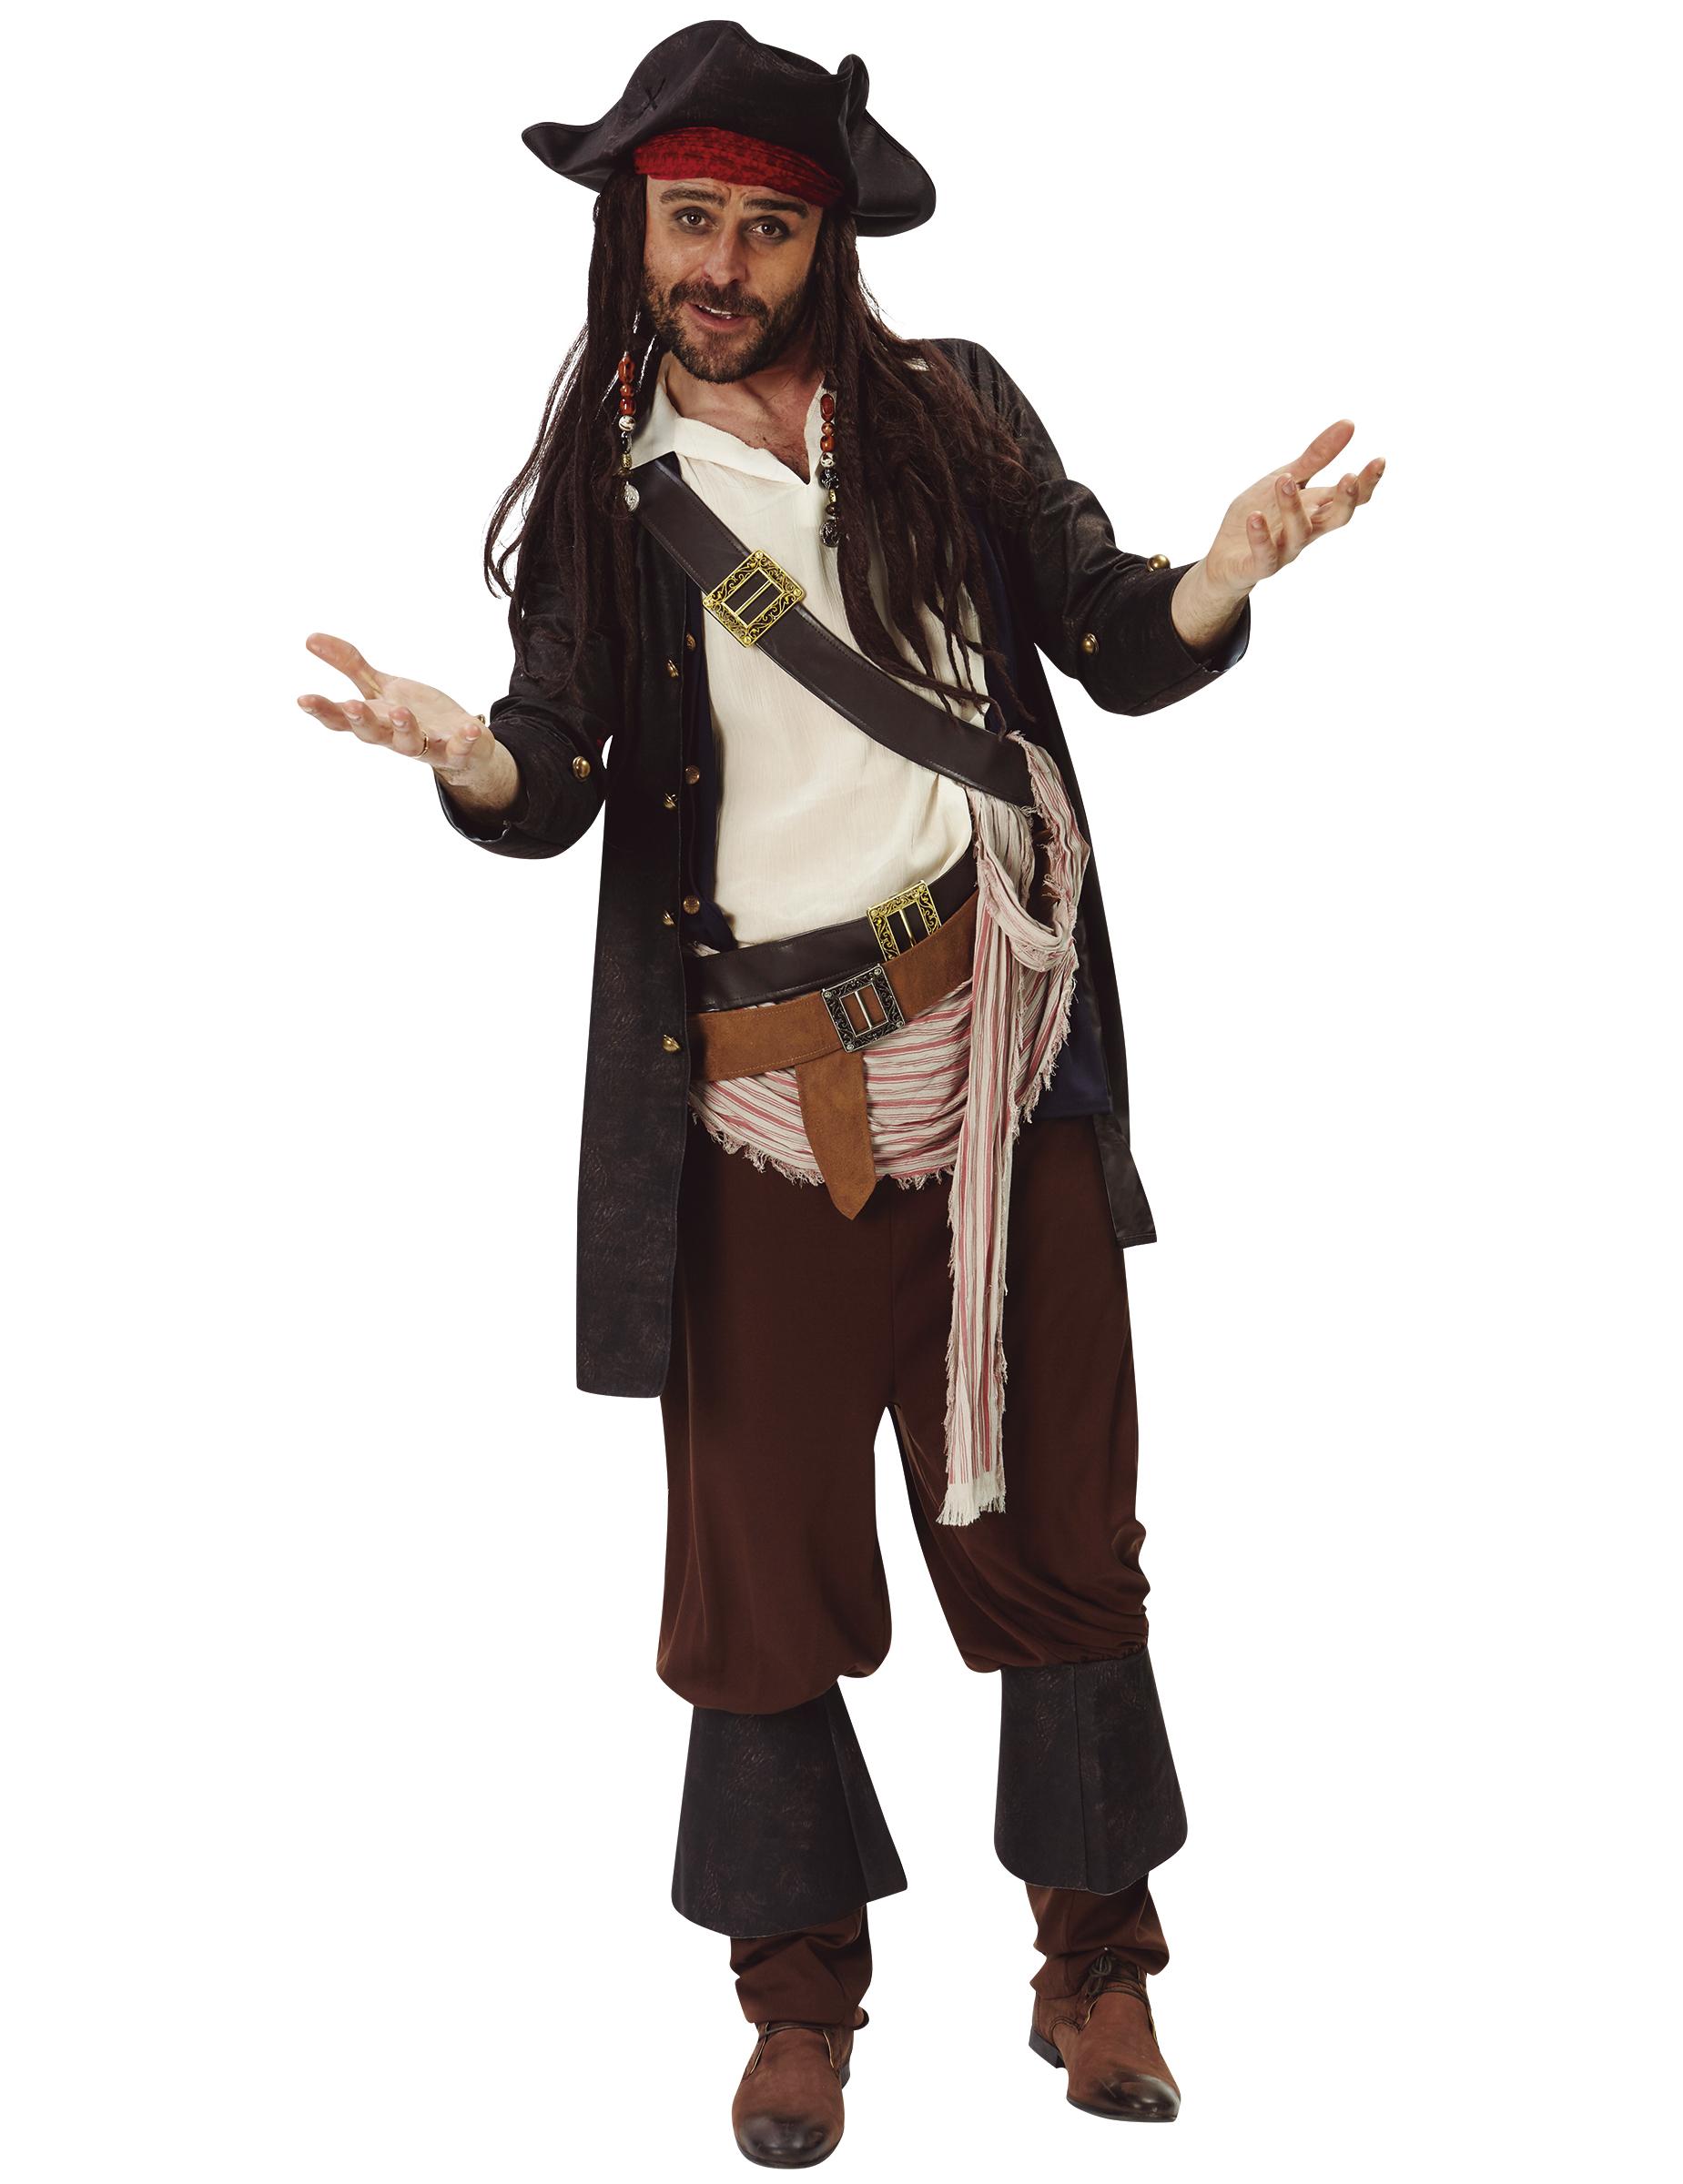 Déguisement Jack Sparrow™ Pirate des Caraibes™ adulte   Deguise-toi ... 4ea75a71288